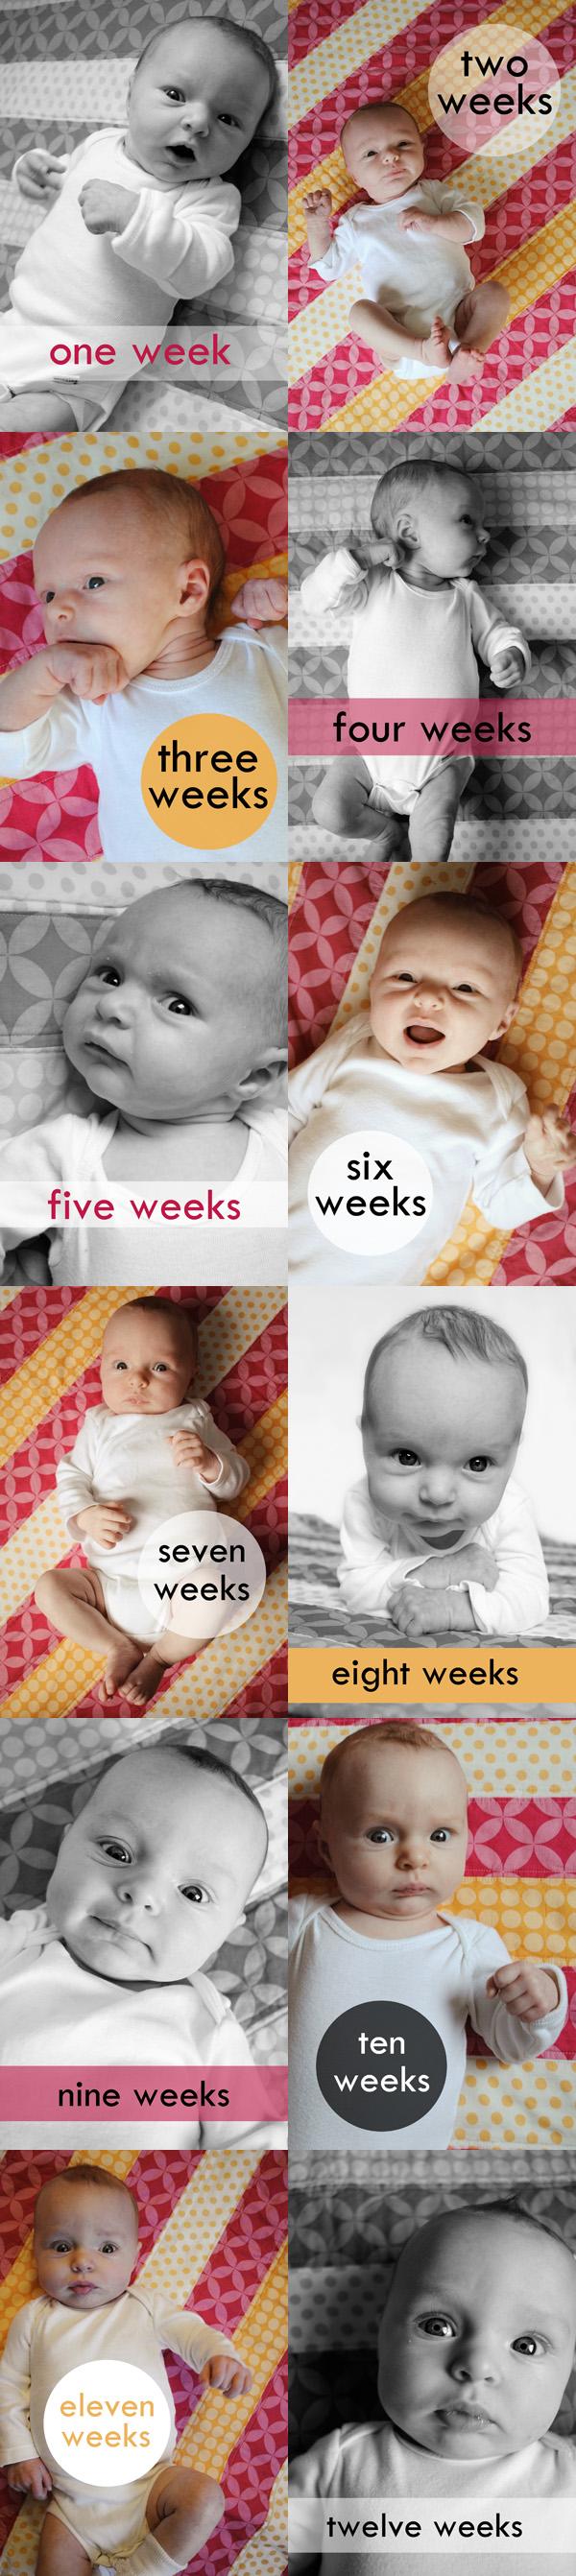 Twelve Weeks